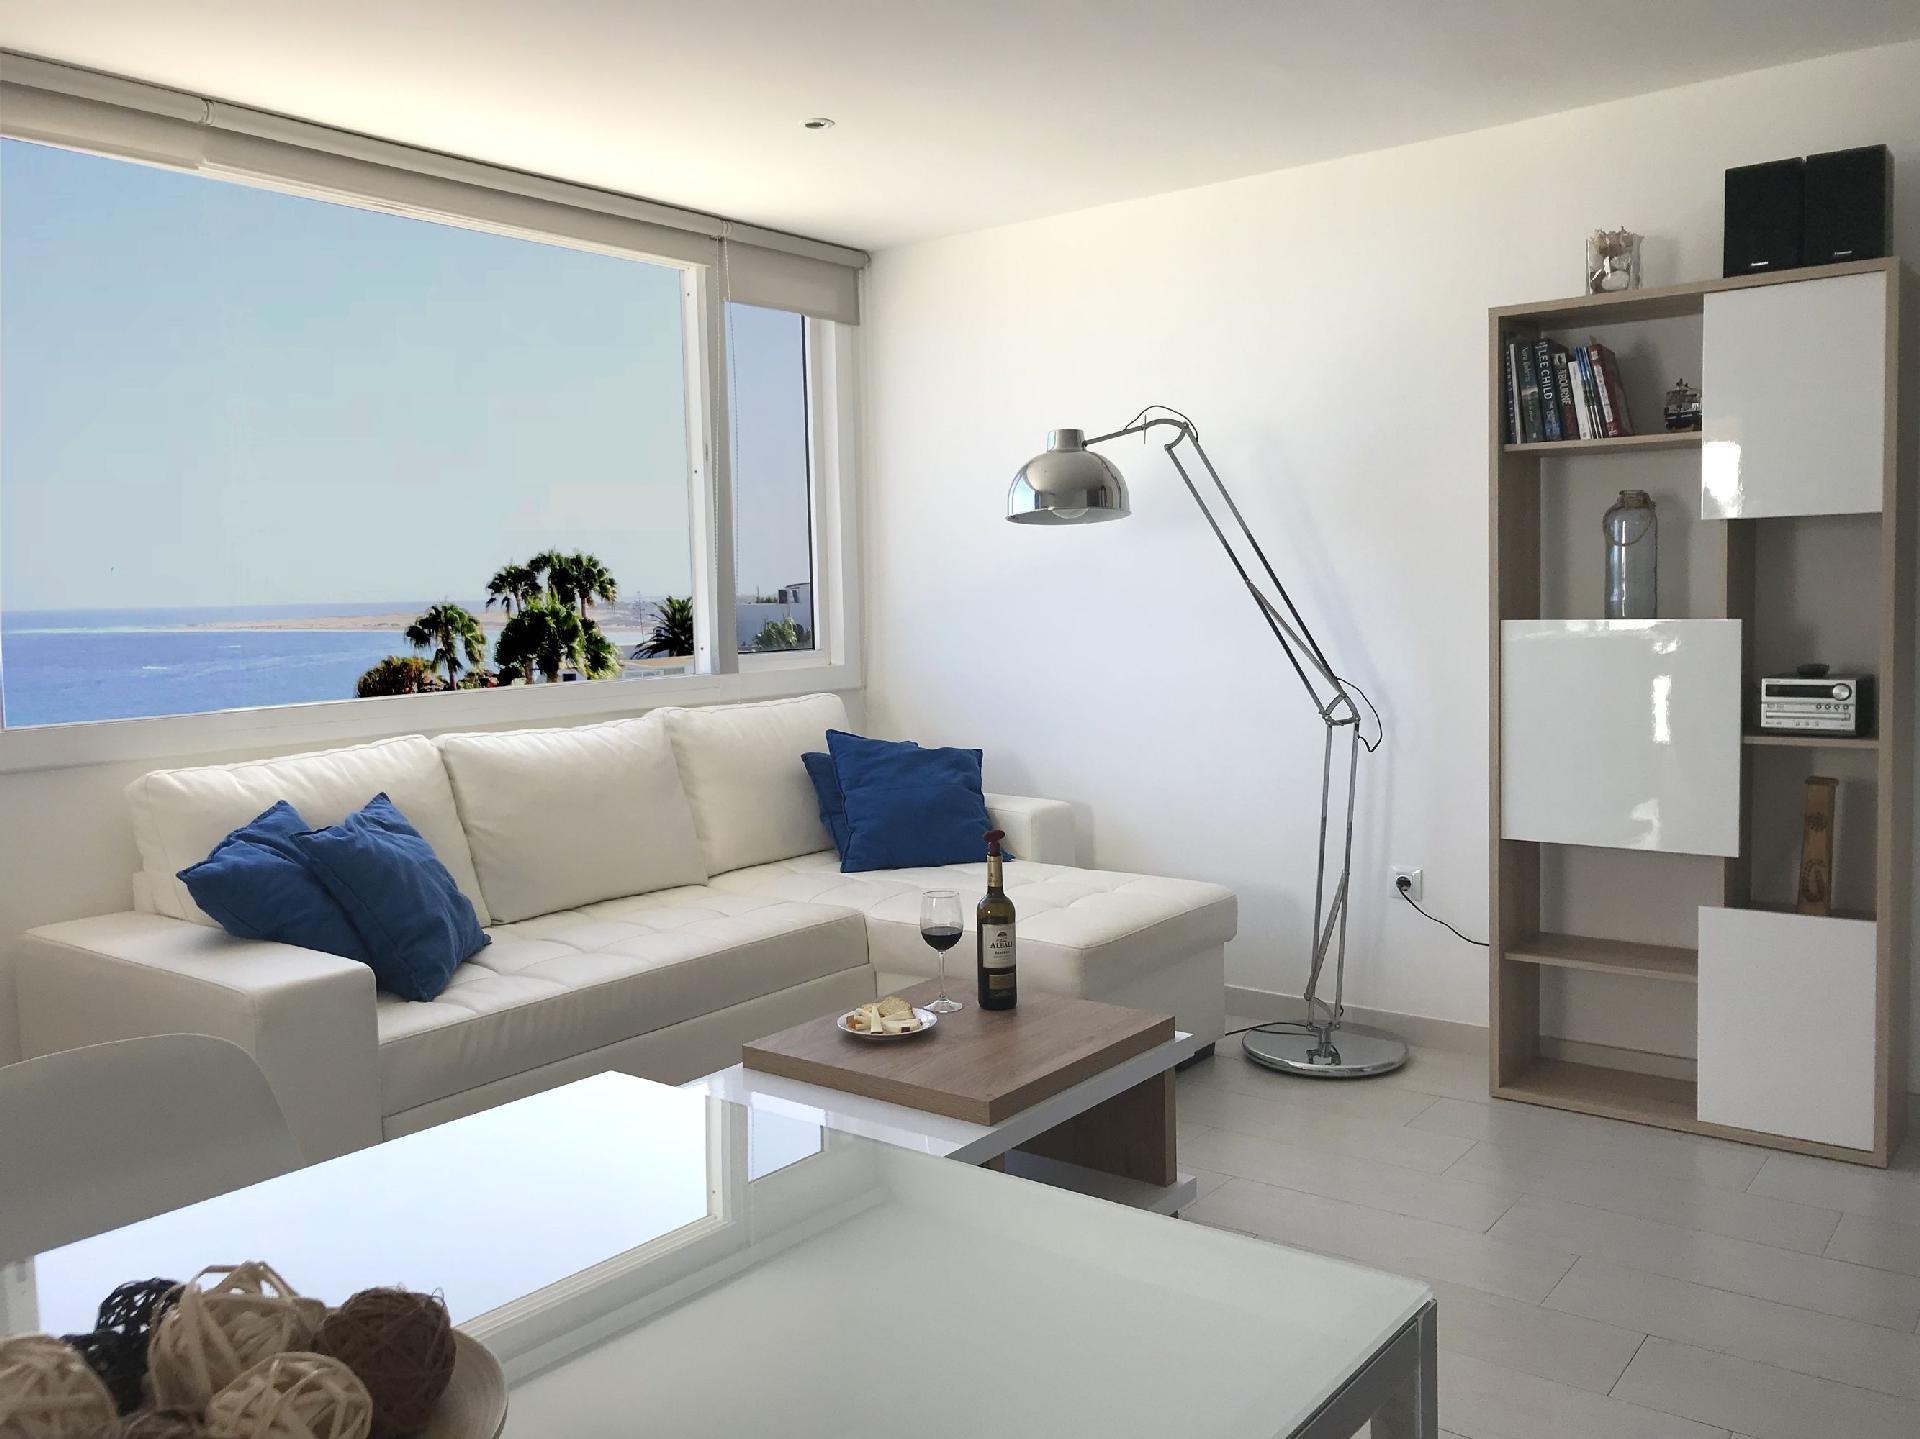 Ferienwohnung für 4 Personen ca. 50 m² i  in Spanien